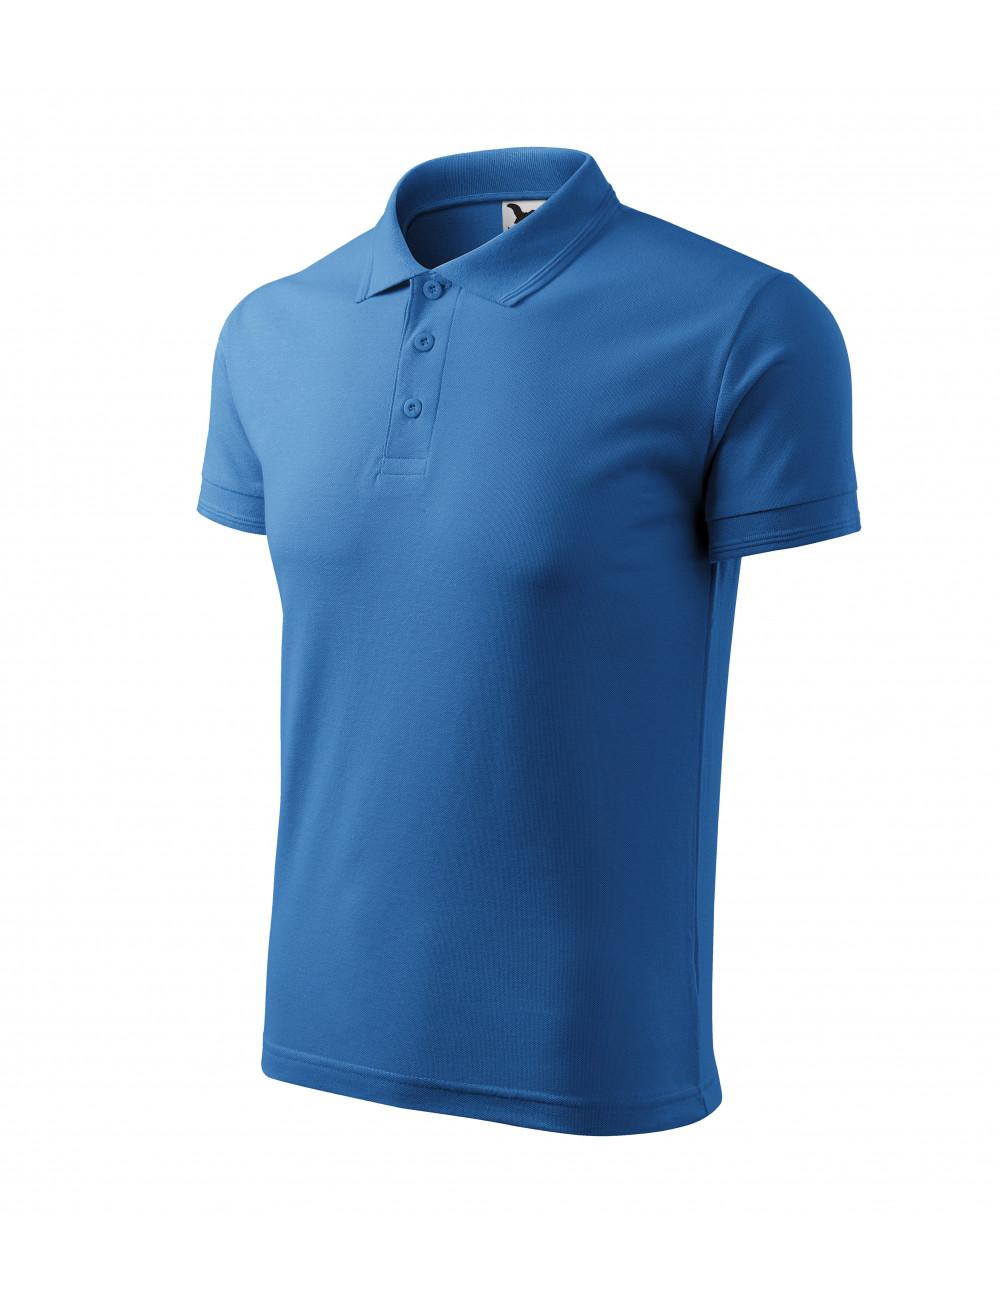 Adler MALFINI Koszulka polo męska Pique Polo 203 lazurowy